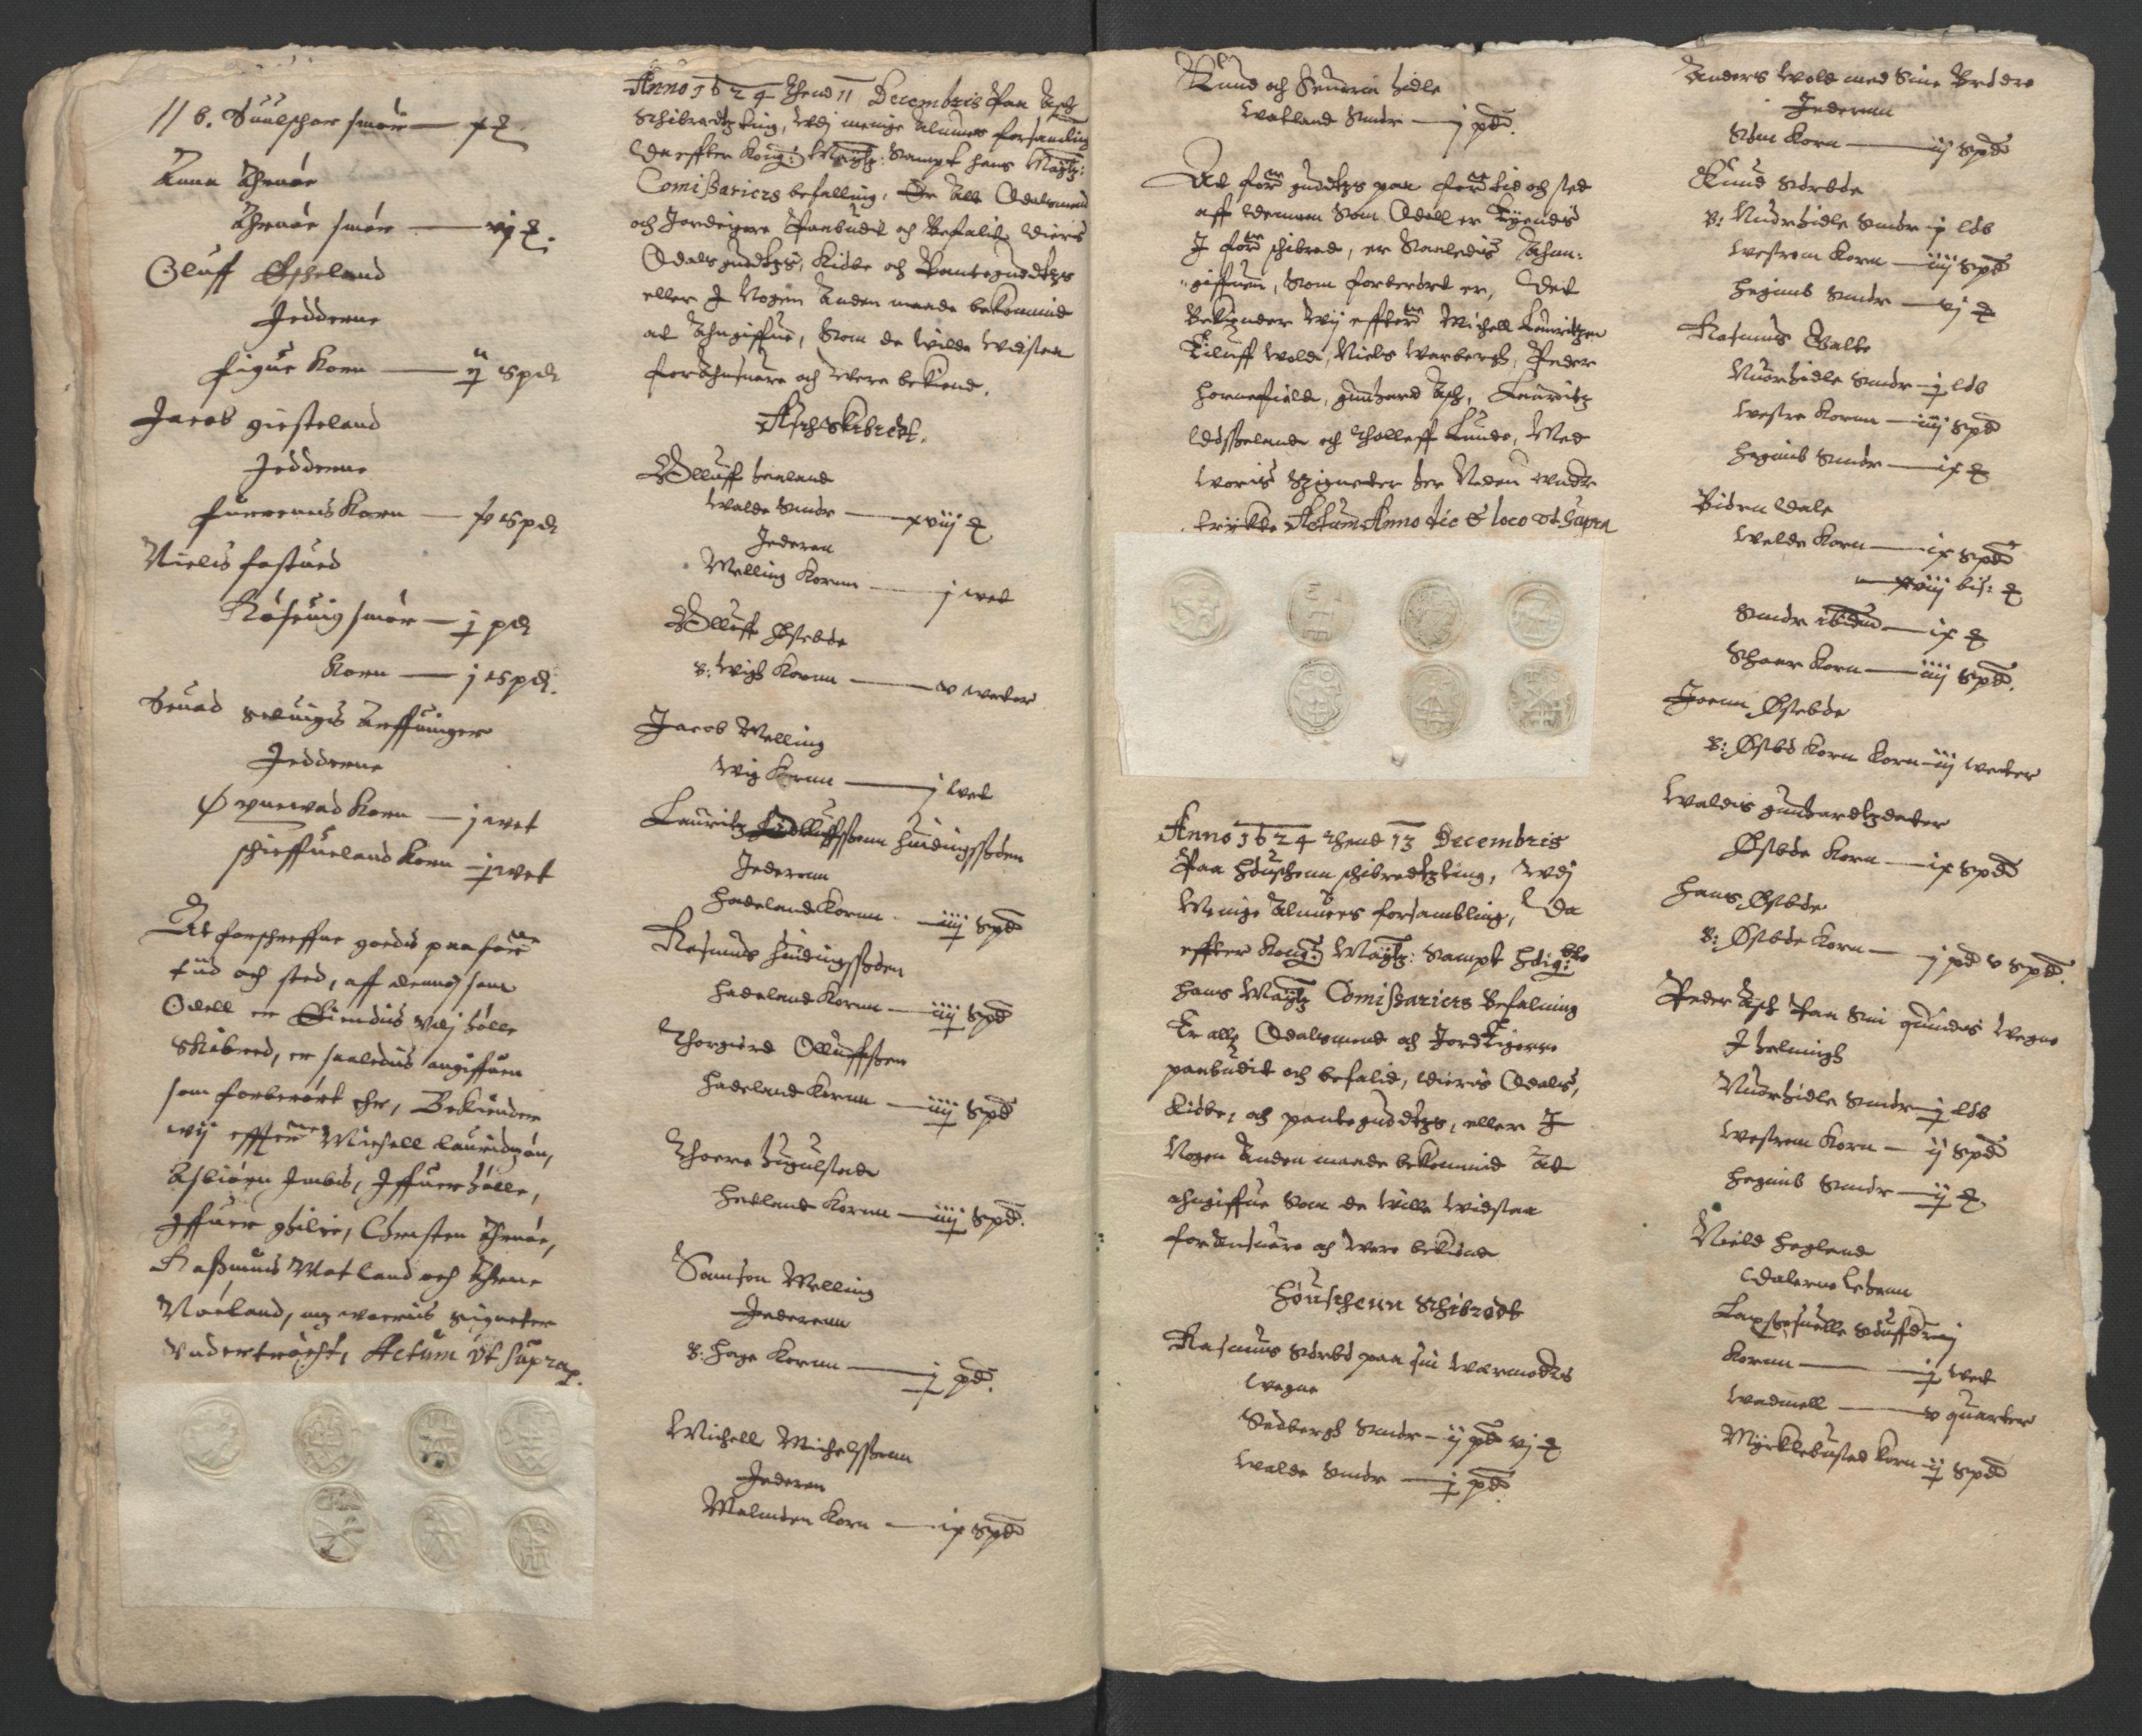 RA, Stattholderembetet 1572-1771, Ek/L0010: Jordebøker til utlikning av rosstjeneste 1624-1626:, 1624-1626, s. 31